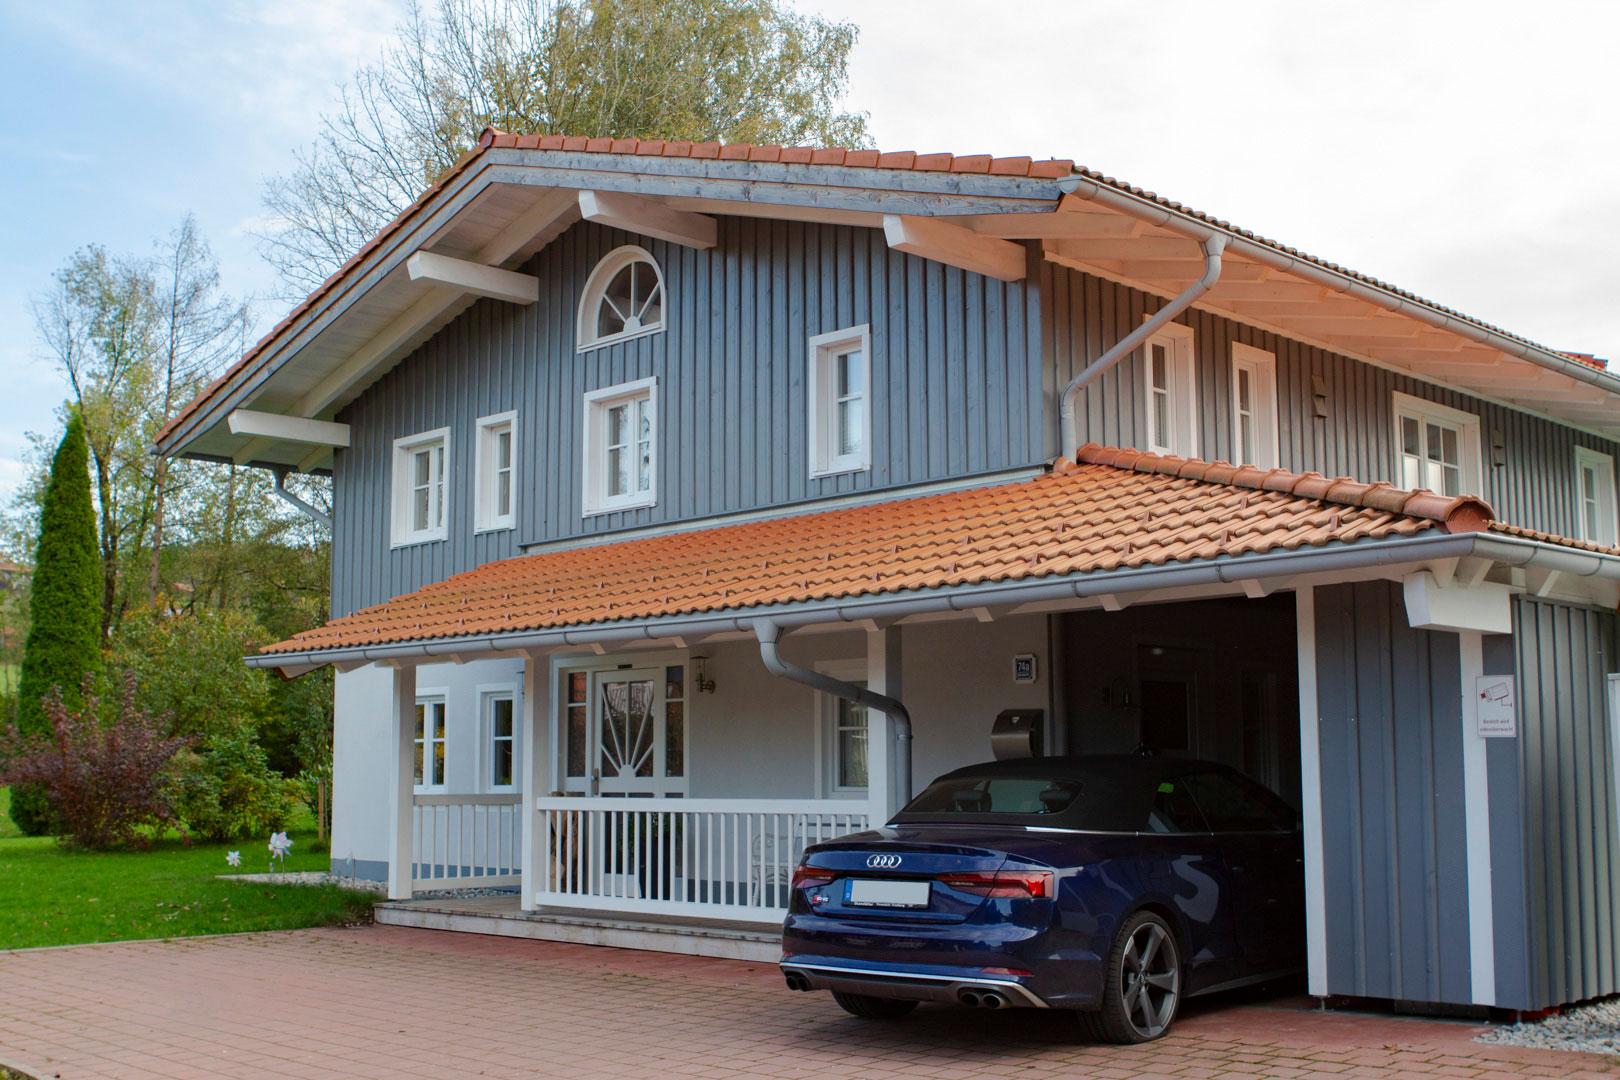 Kendler Holzhaus Bergen